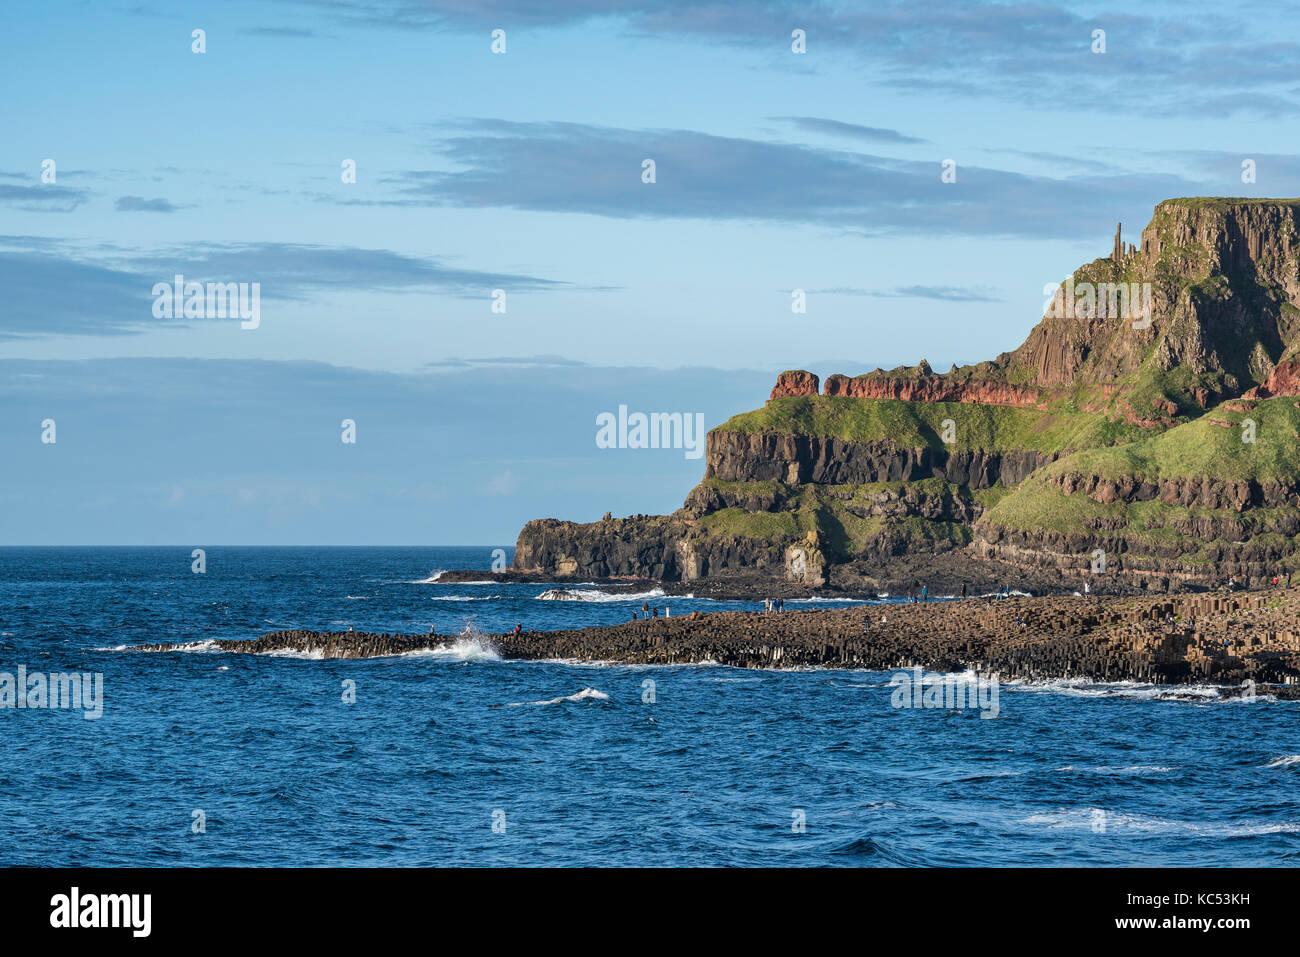 Attrazione turistica Giant's Causeway sulla costa atlantica, County Antrim, Irlanda del Nord e Gran Bretagna Immagini Stock